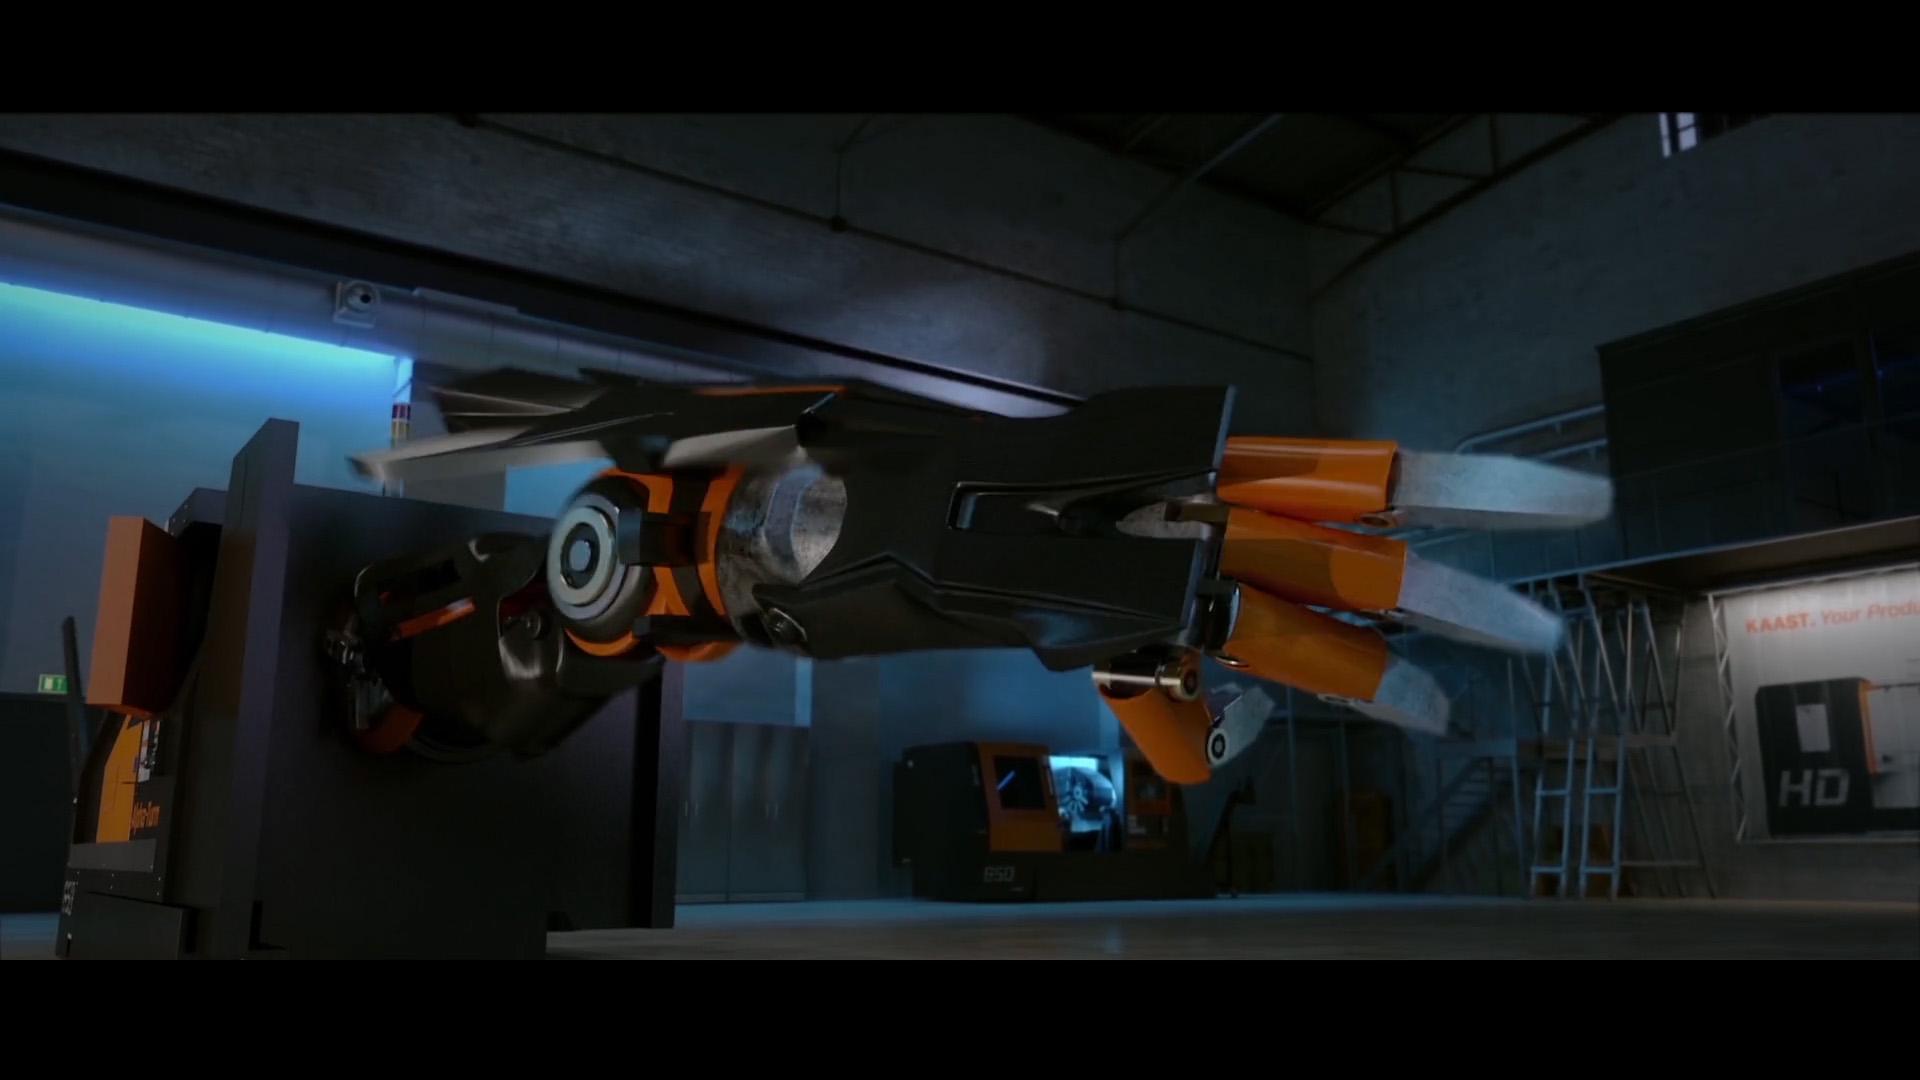 kaast-animacja-3d-transformacja